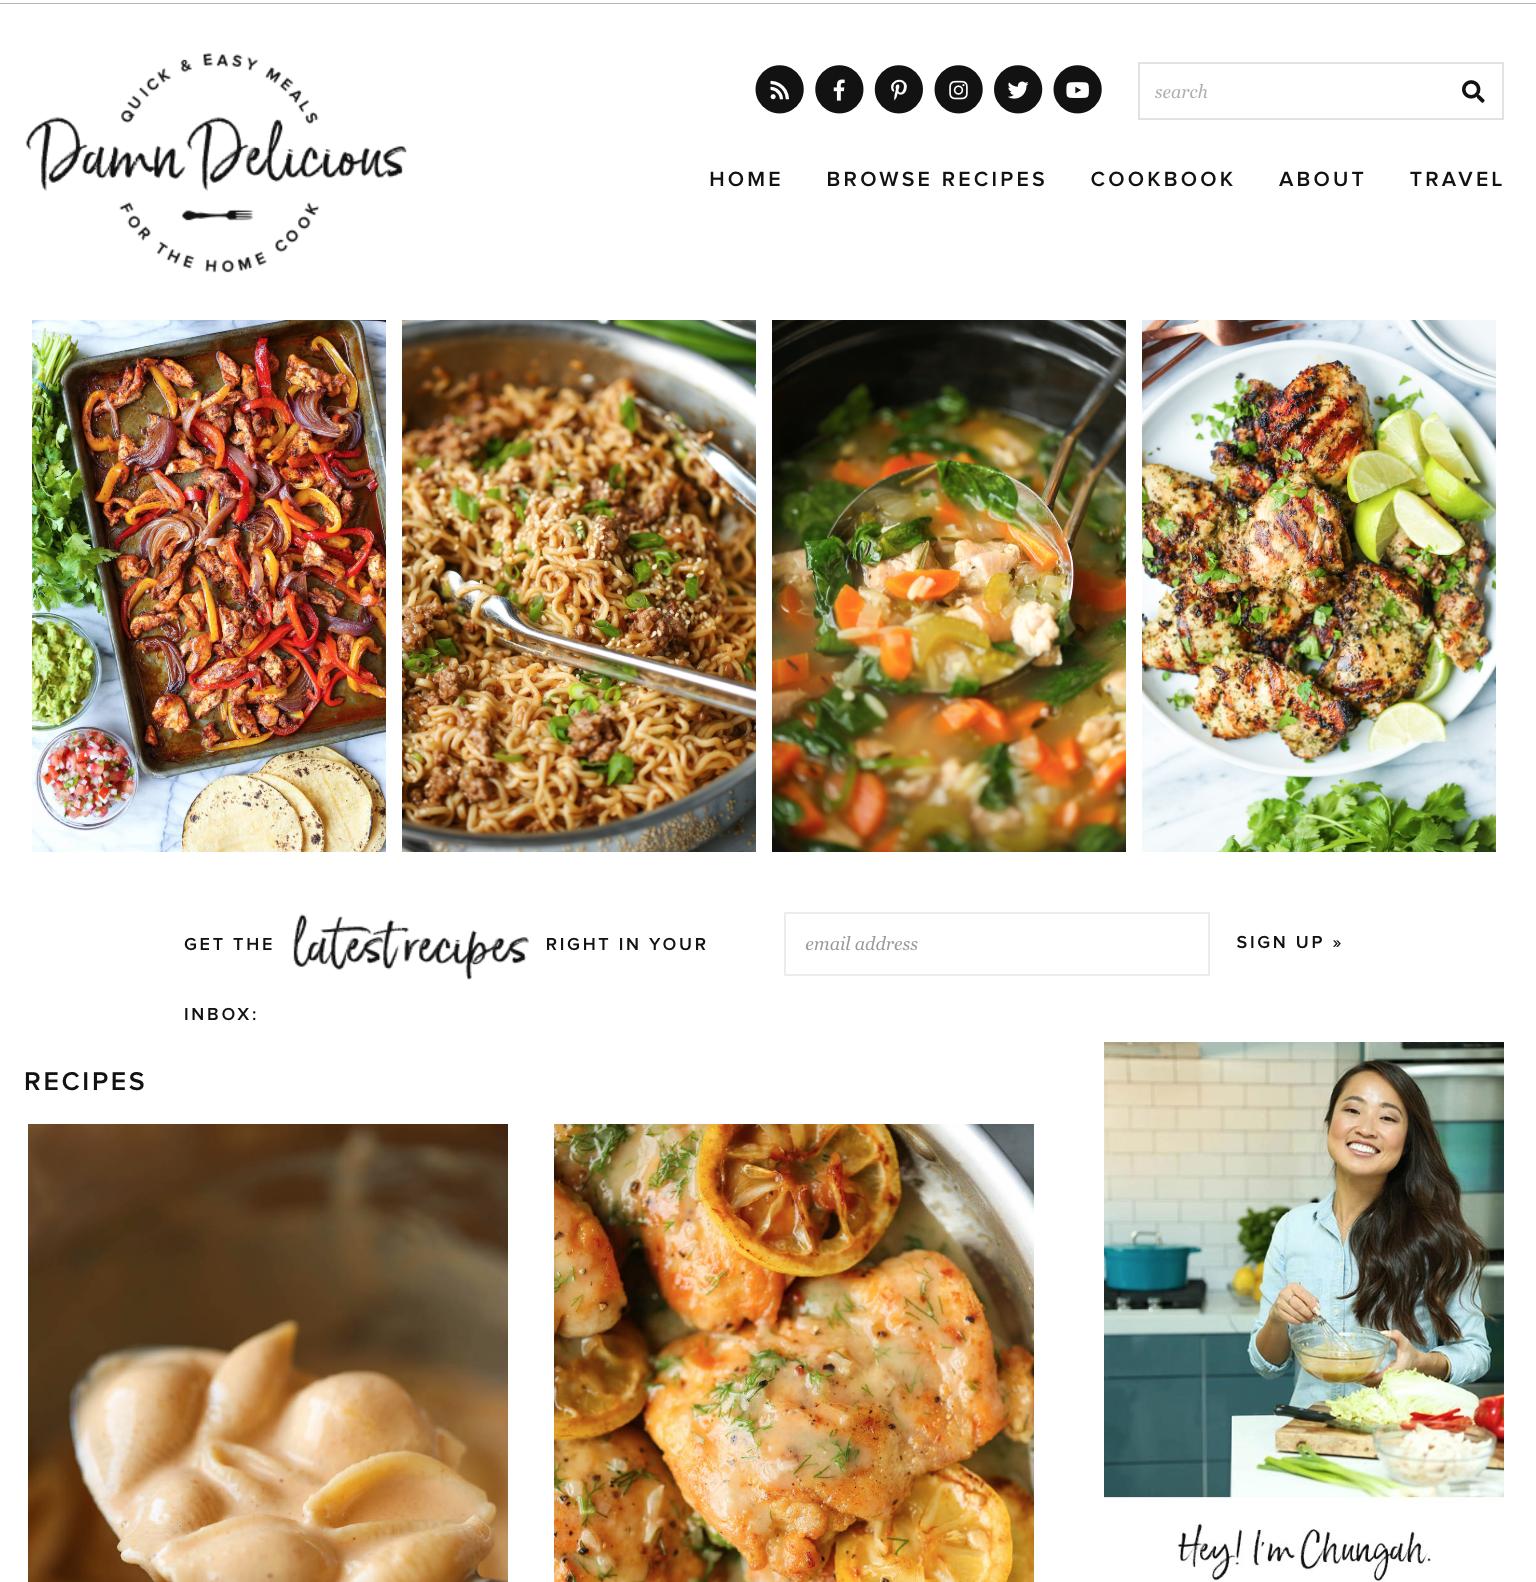 Damn Delicious cooking blog example